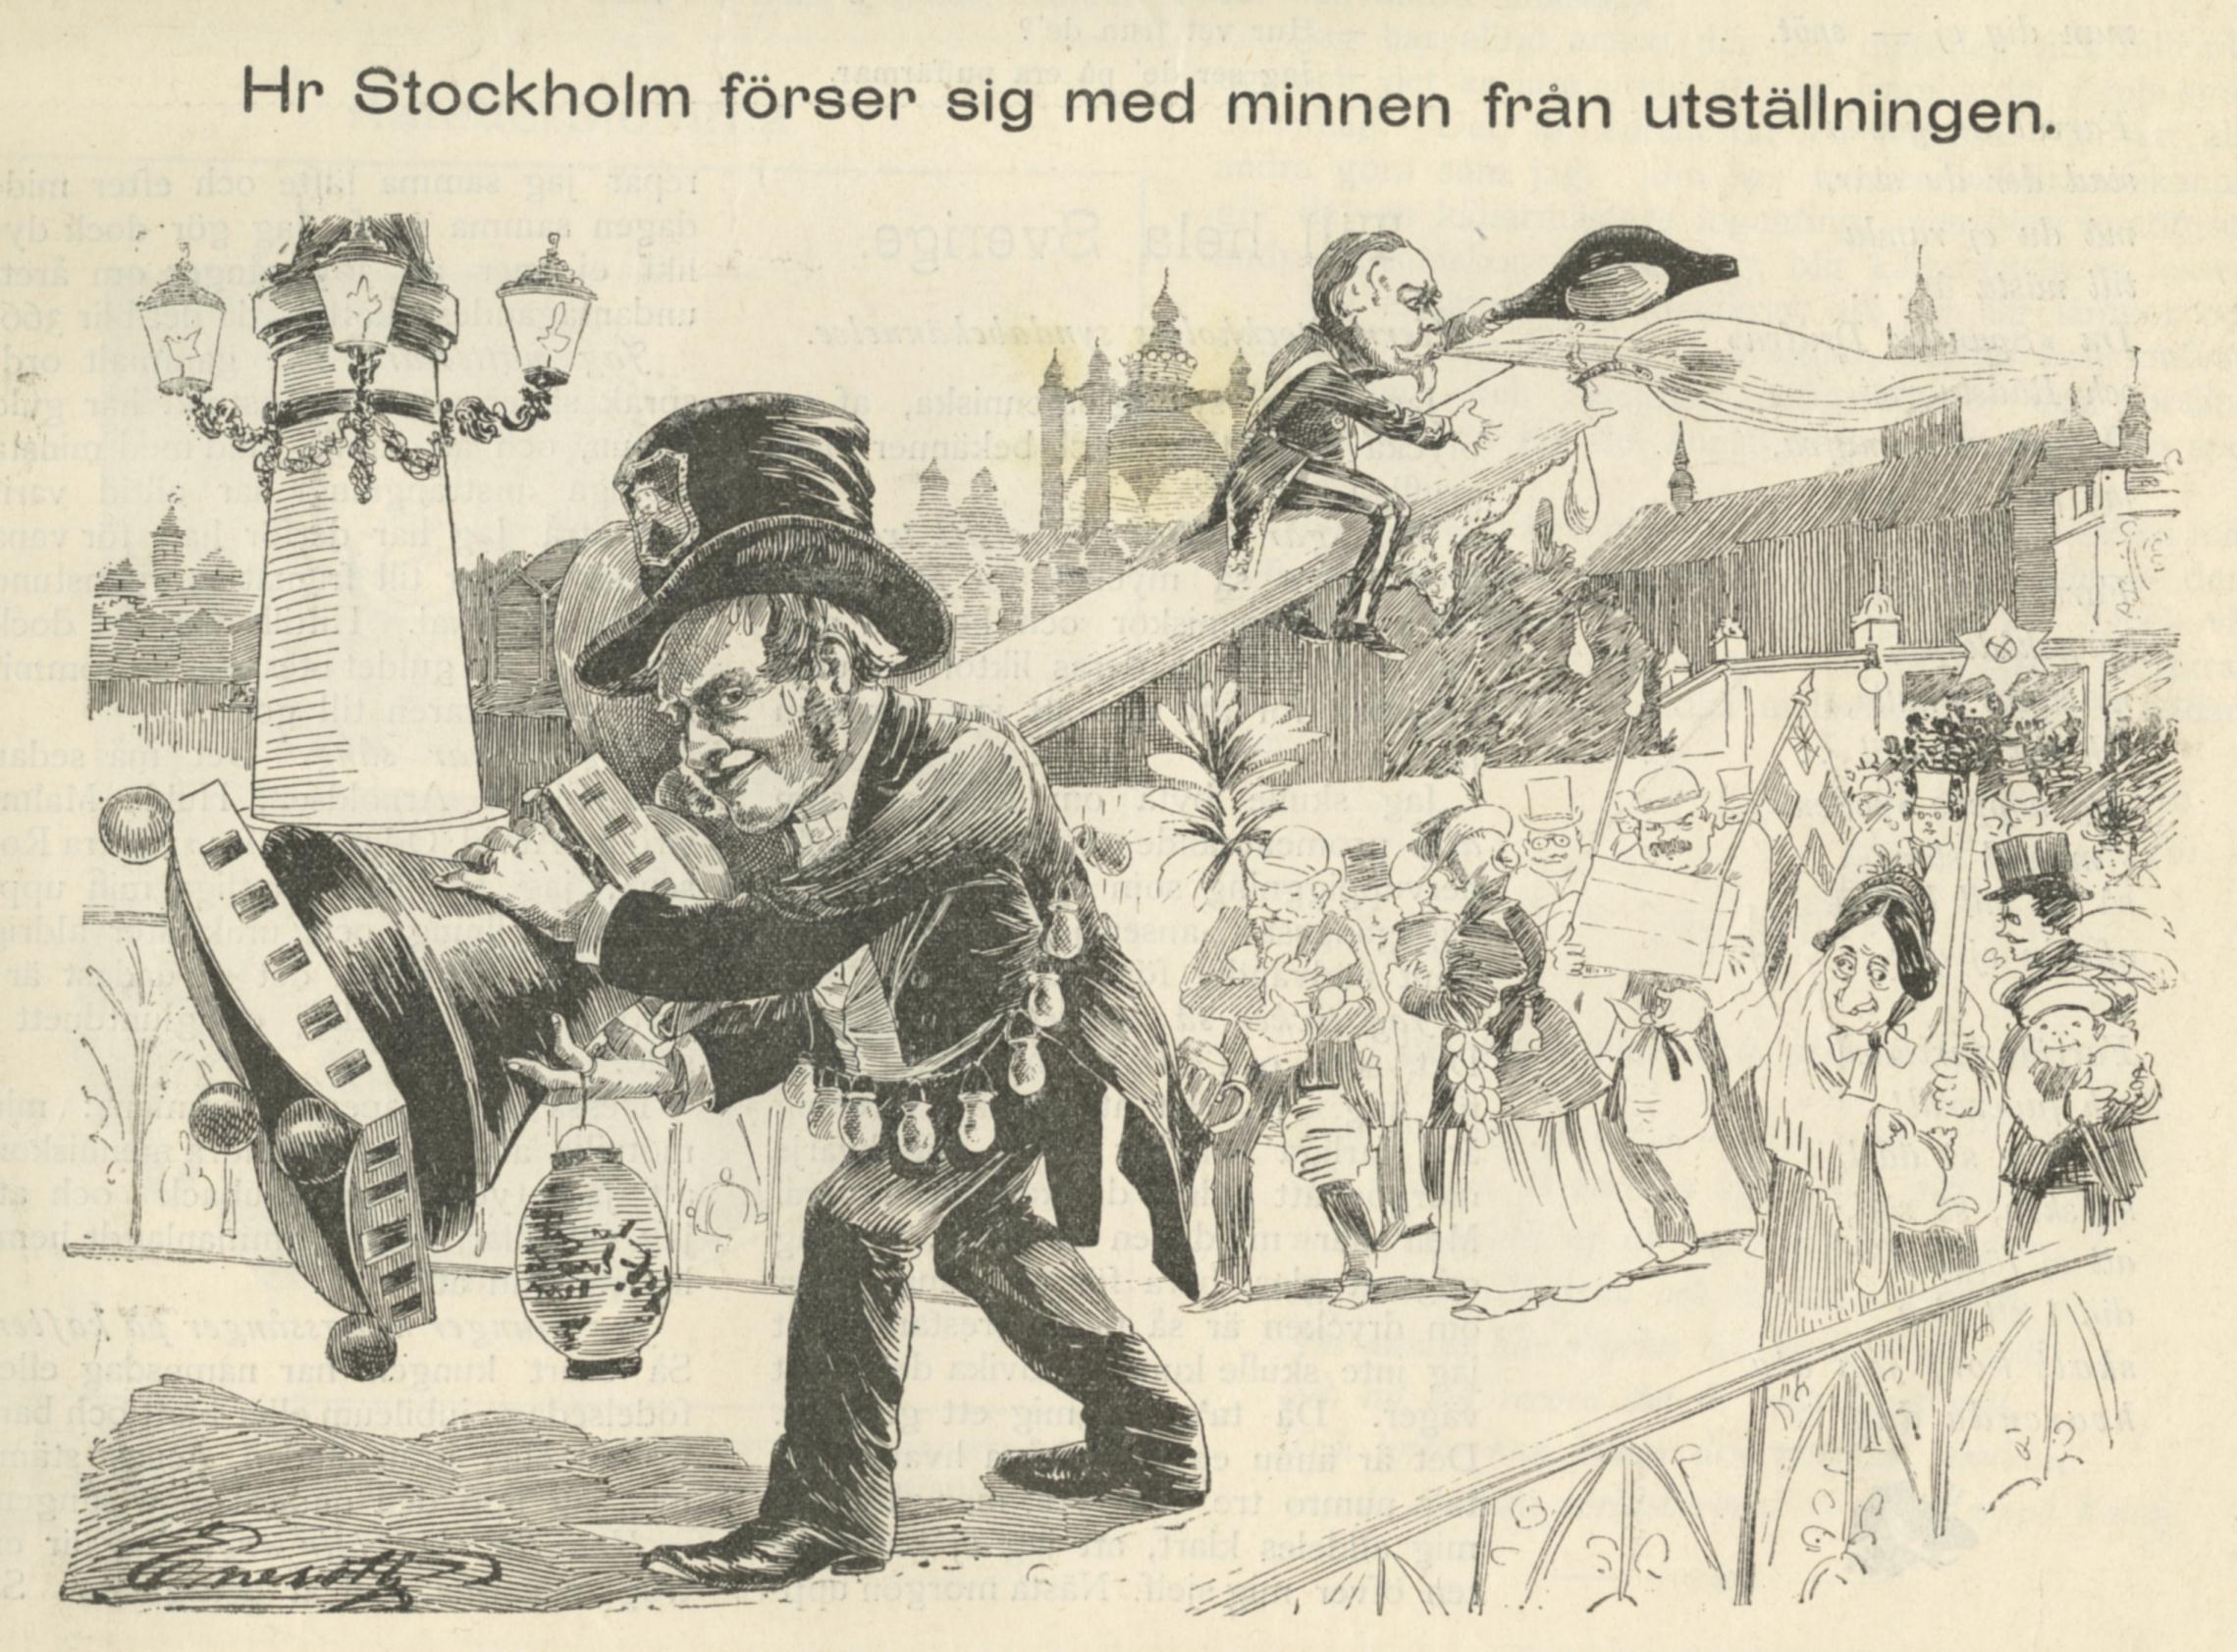 Besökarna plundrar utställningen på alla lösa föremål. Hr Stockholm själv bär här iväg med Liljeholmens stearinfabriks 37 meter höga ljusstake, i vars bottenplan låg en sal där ljustillverkningen demonstrerades. Längst upp på ljuset sitter utställningens generalkommissarie Gustaf Tamm. Notera även de åtråvärda illuminationslyktorna som hr Stockholm lagt beslag på. Teckning av Hjalmar Eneroth ur skämttidningen Nya Nisse, 9 oktober 1897.